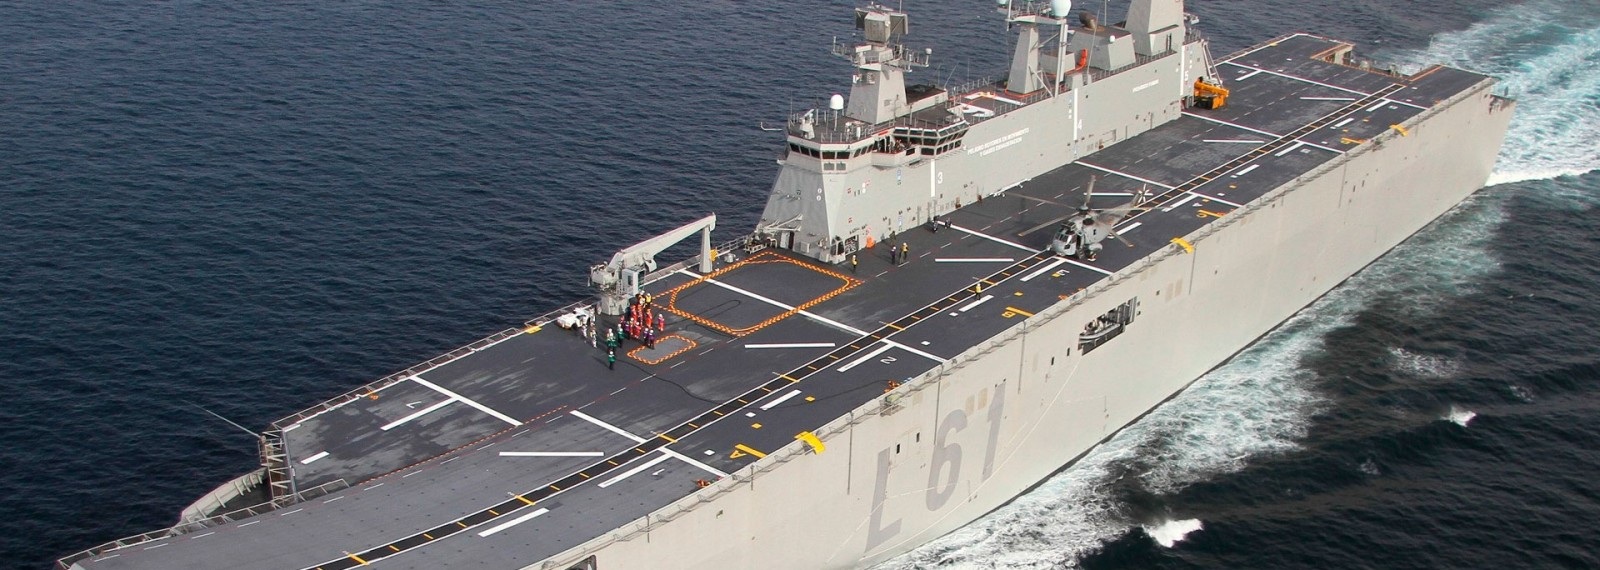 proyectos-navales-technopro-slider2